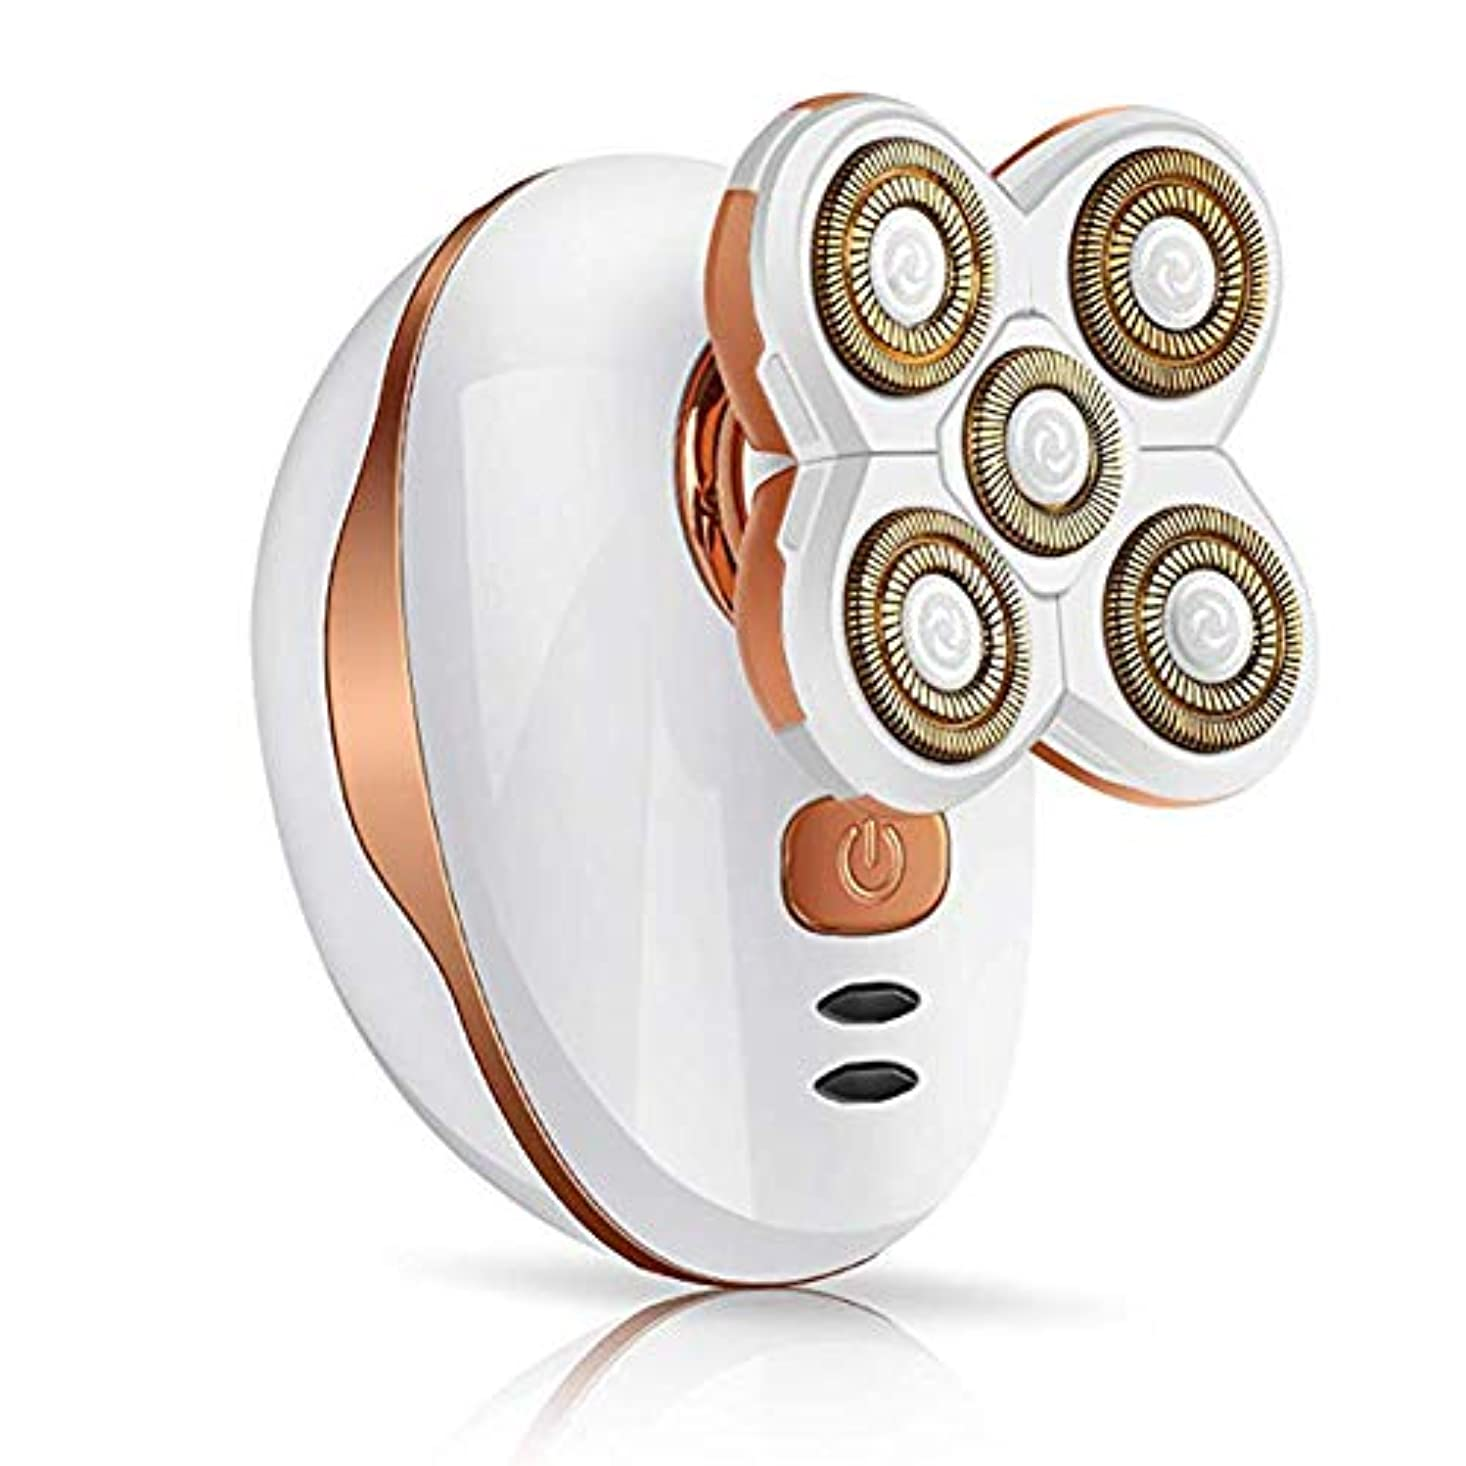 鼻すき十億5フローティングヘッドウェットドライ電気ロータリーシェーバー、コードレス防水かみそりはげ頭シェーバー、旅行や家庭用の高速USB再充電セキュリティロックモード